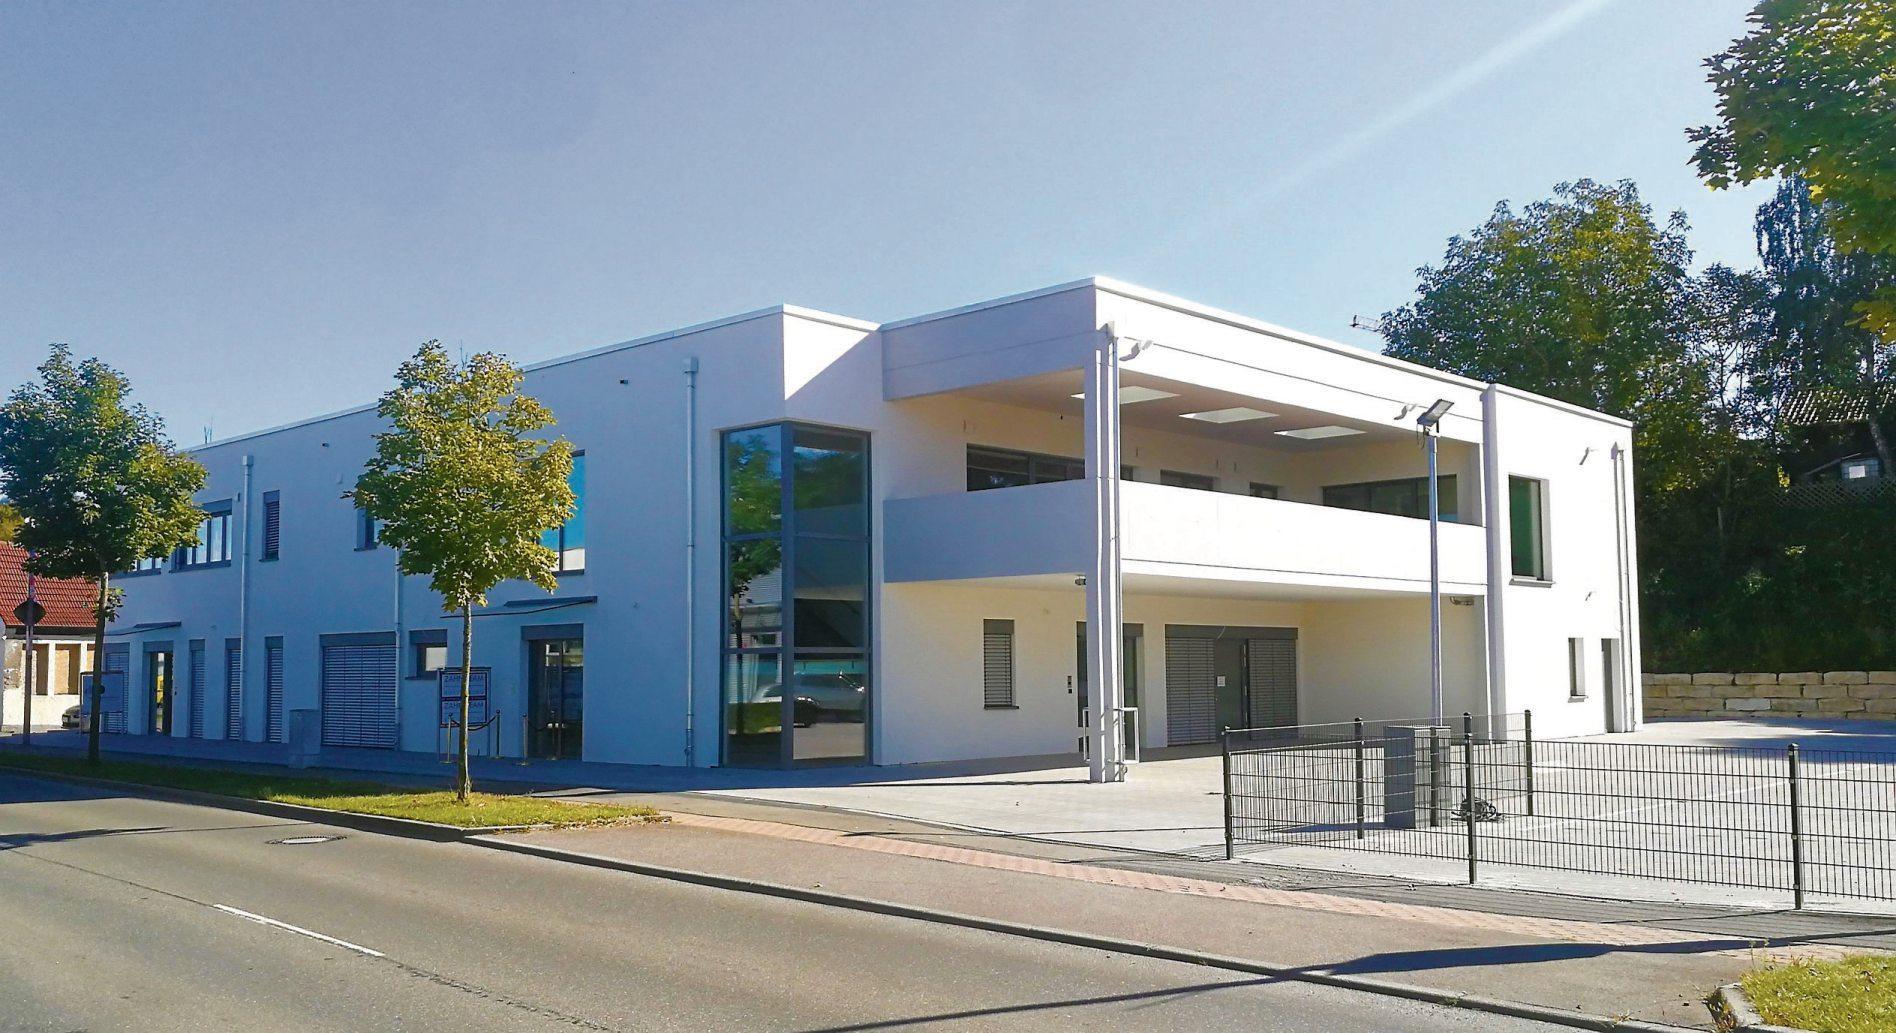 In der Tübinger Straße 56 in Rottenburg bietet der Praxisneubau auf zwei Ebenen mit jeweils 600 Quadratmetern Fläche beste räumliche Voraussetzungen für zwei moderne Praxen.